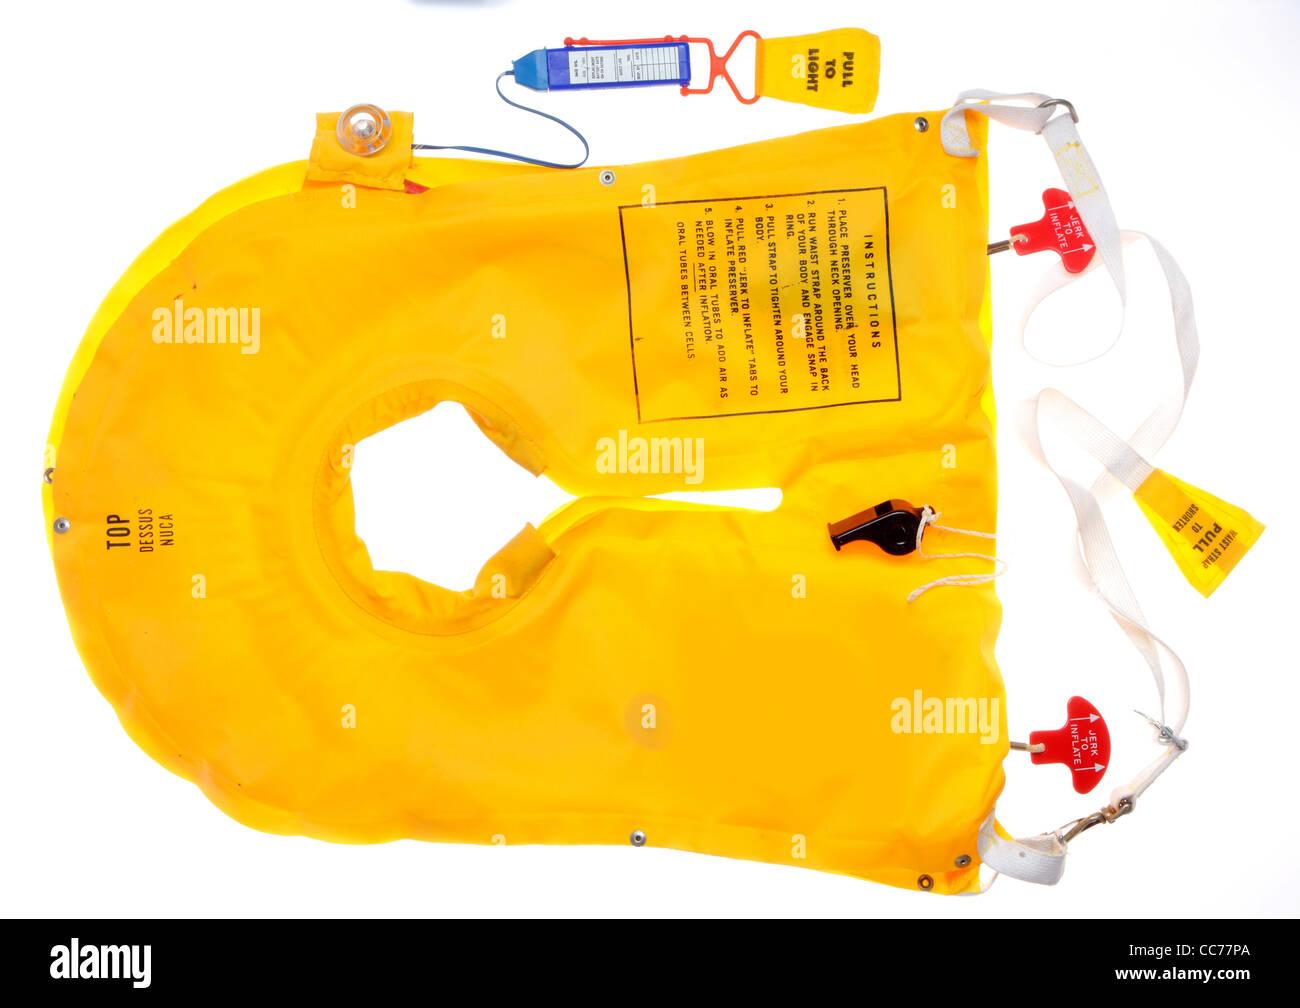 life vest patient manual download